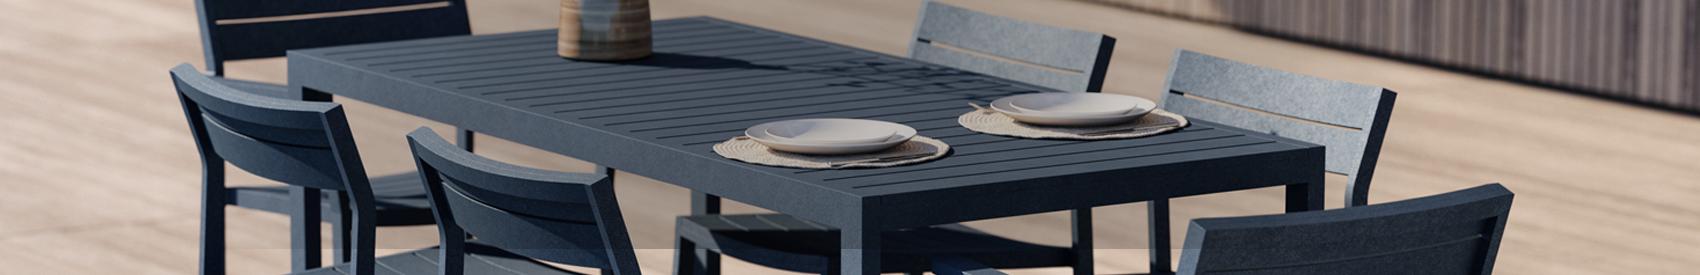 Tables d'extérieur